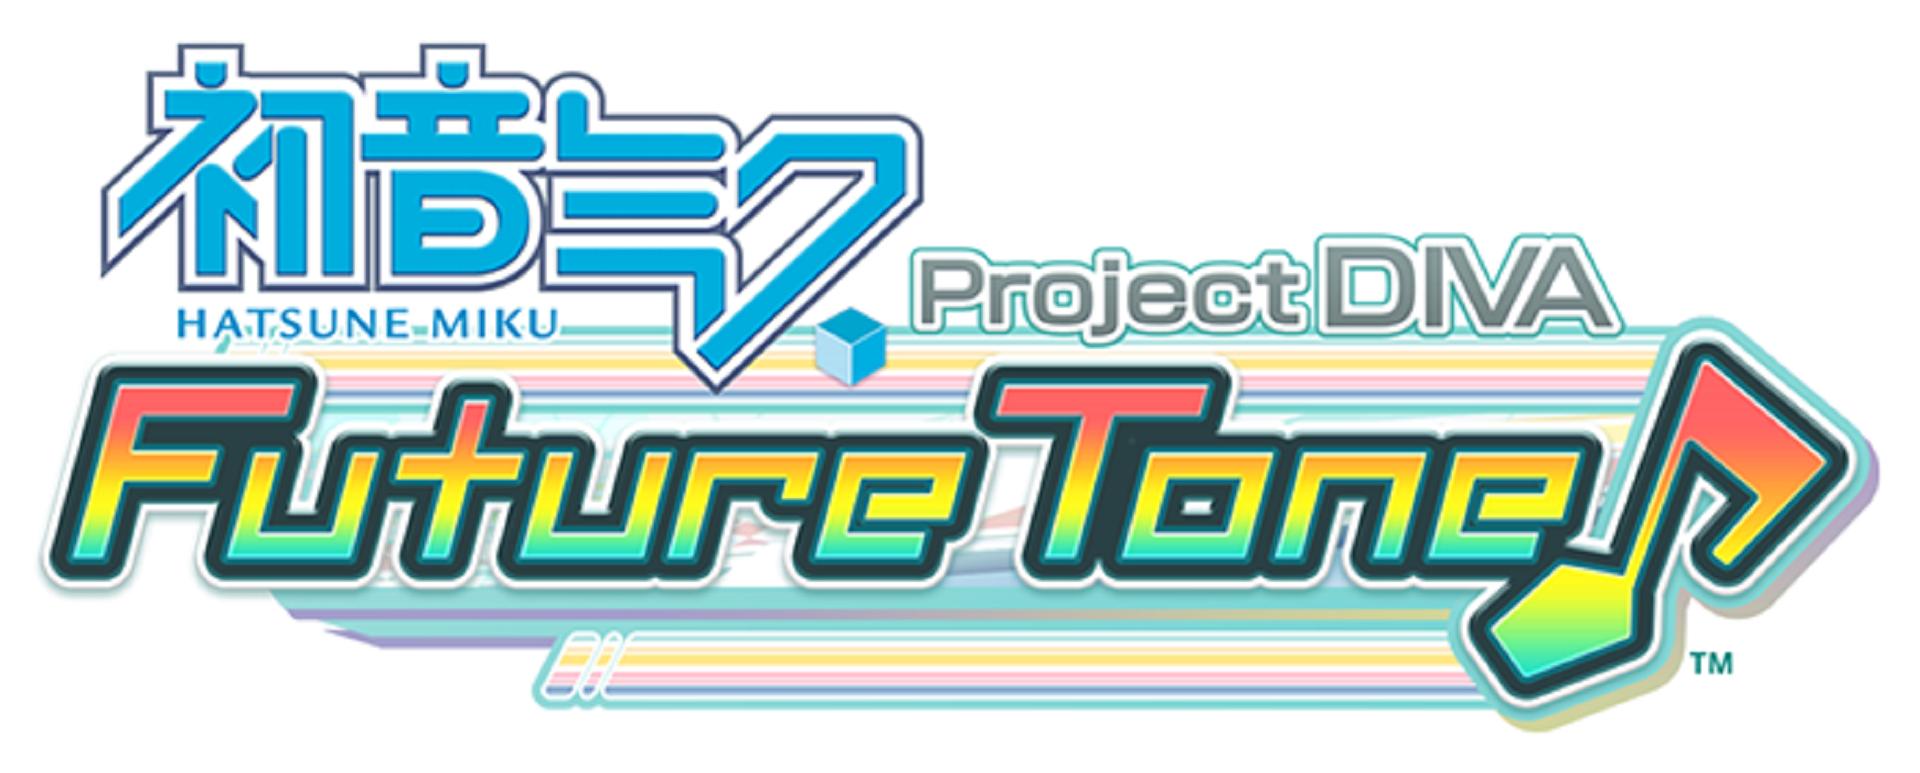 Hatsune miku project diva future tone project diva wiki - Hatsune miku project diva future ...